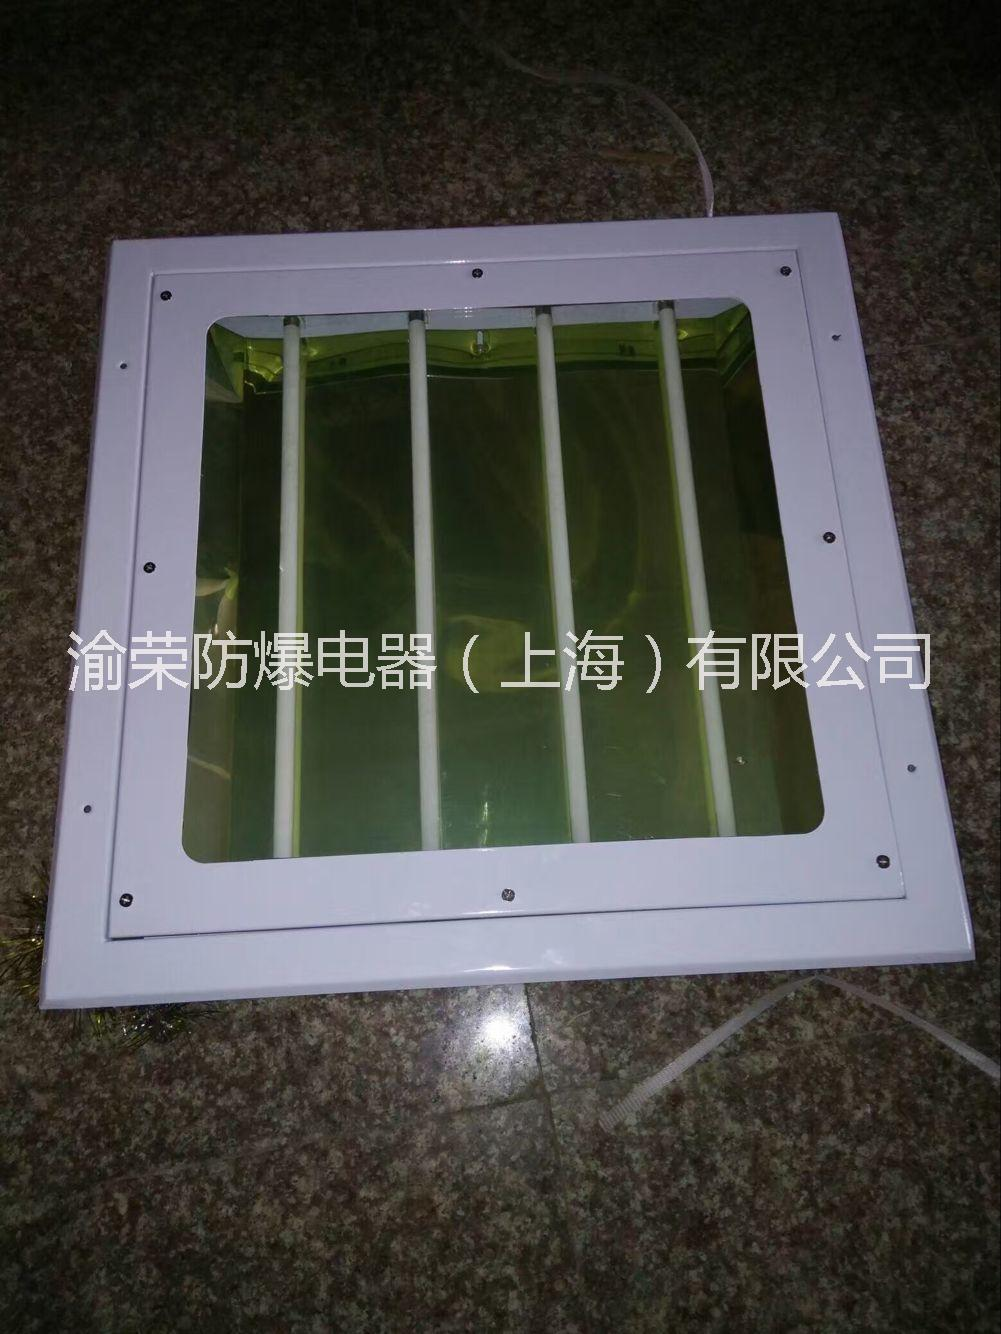 供应专业灯箱嵌入式LED防爆荧光灯  LED防爆洁净荧光灯价格